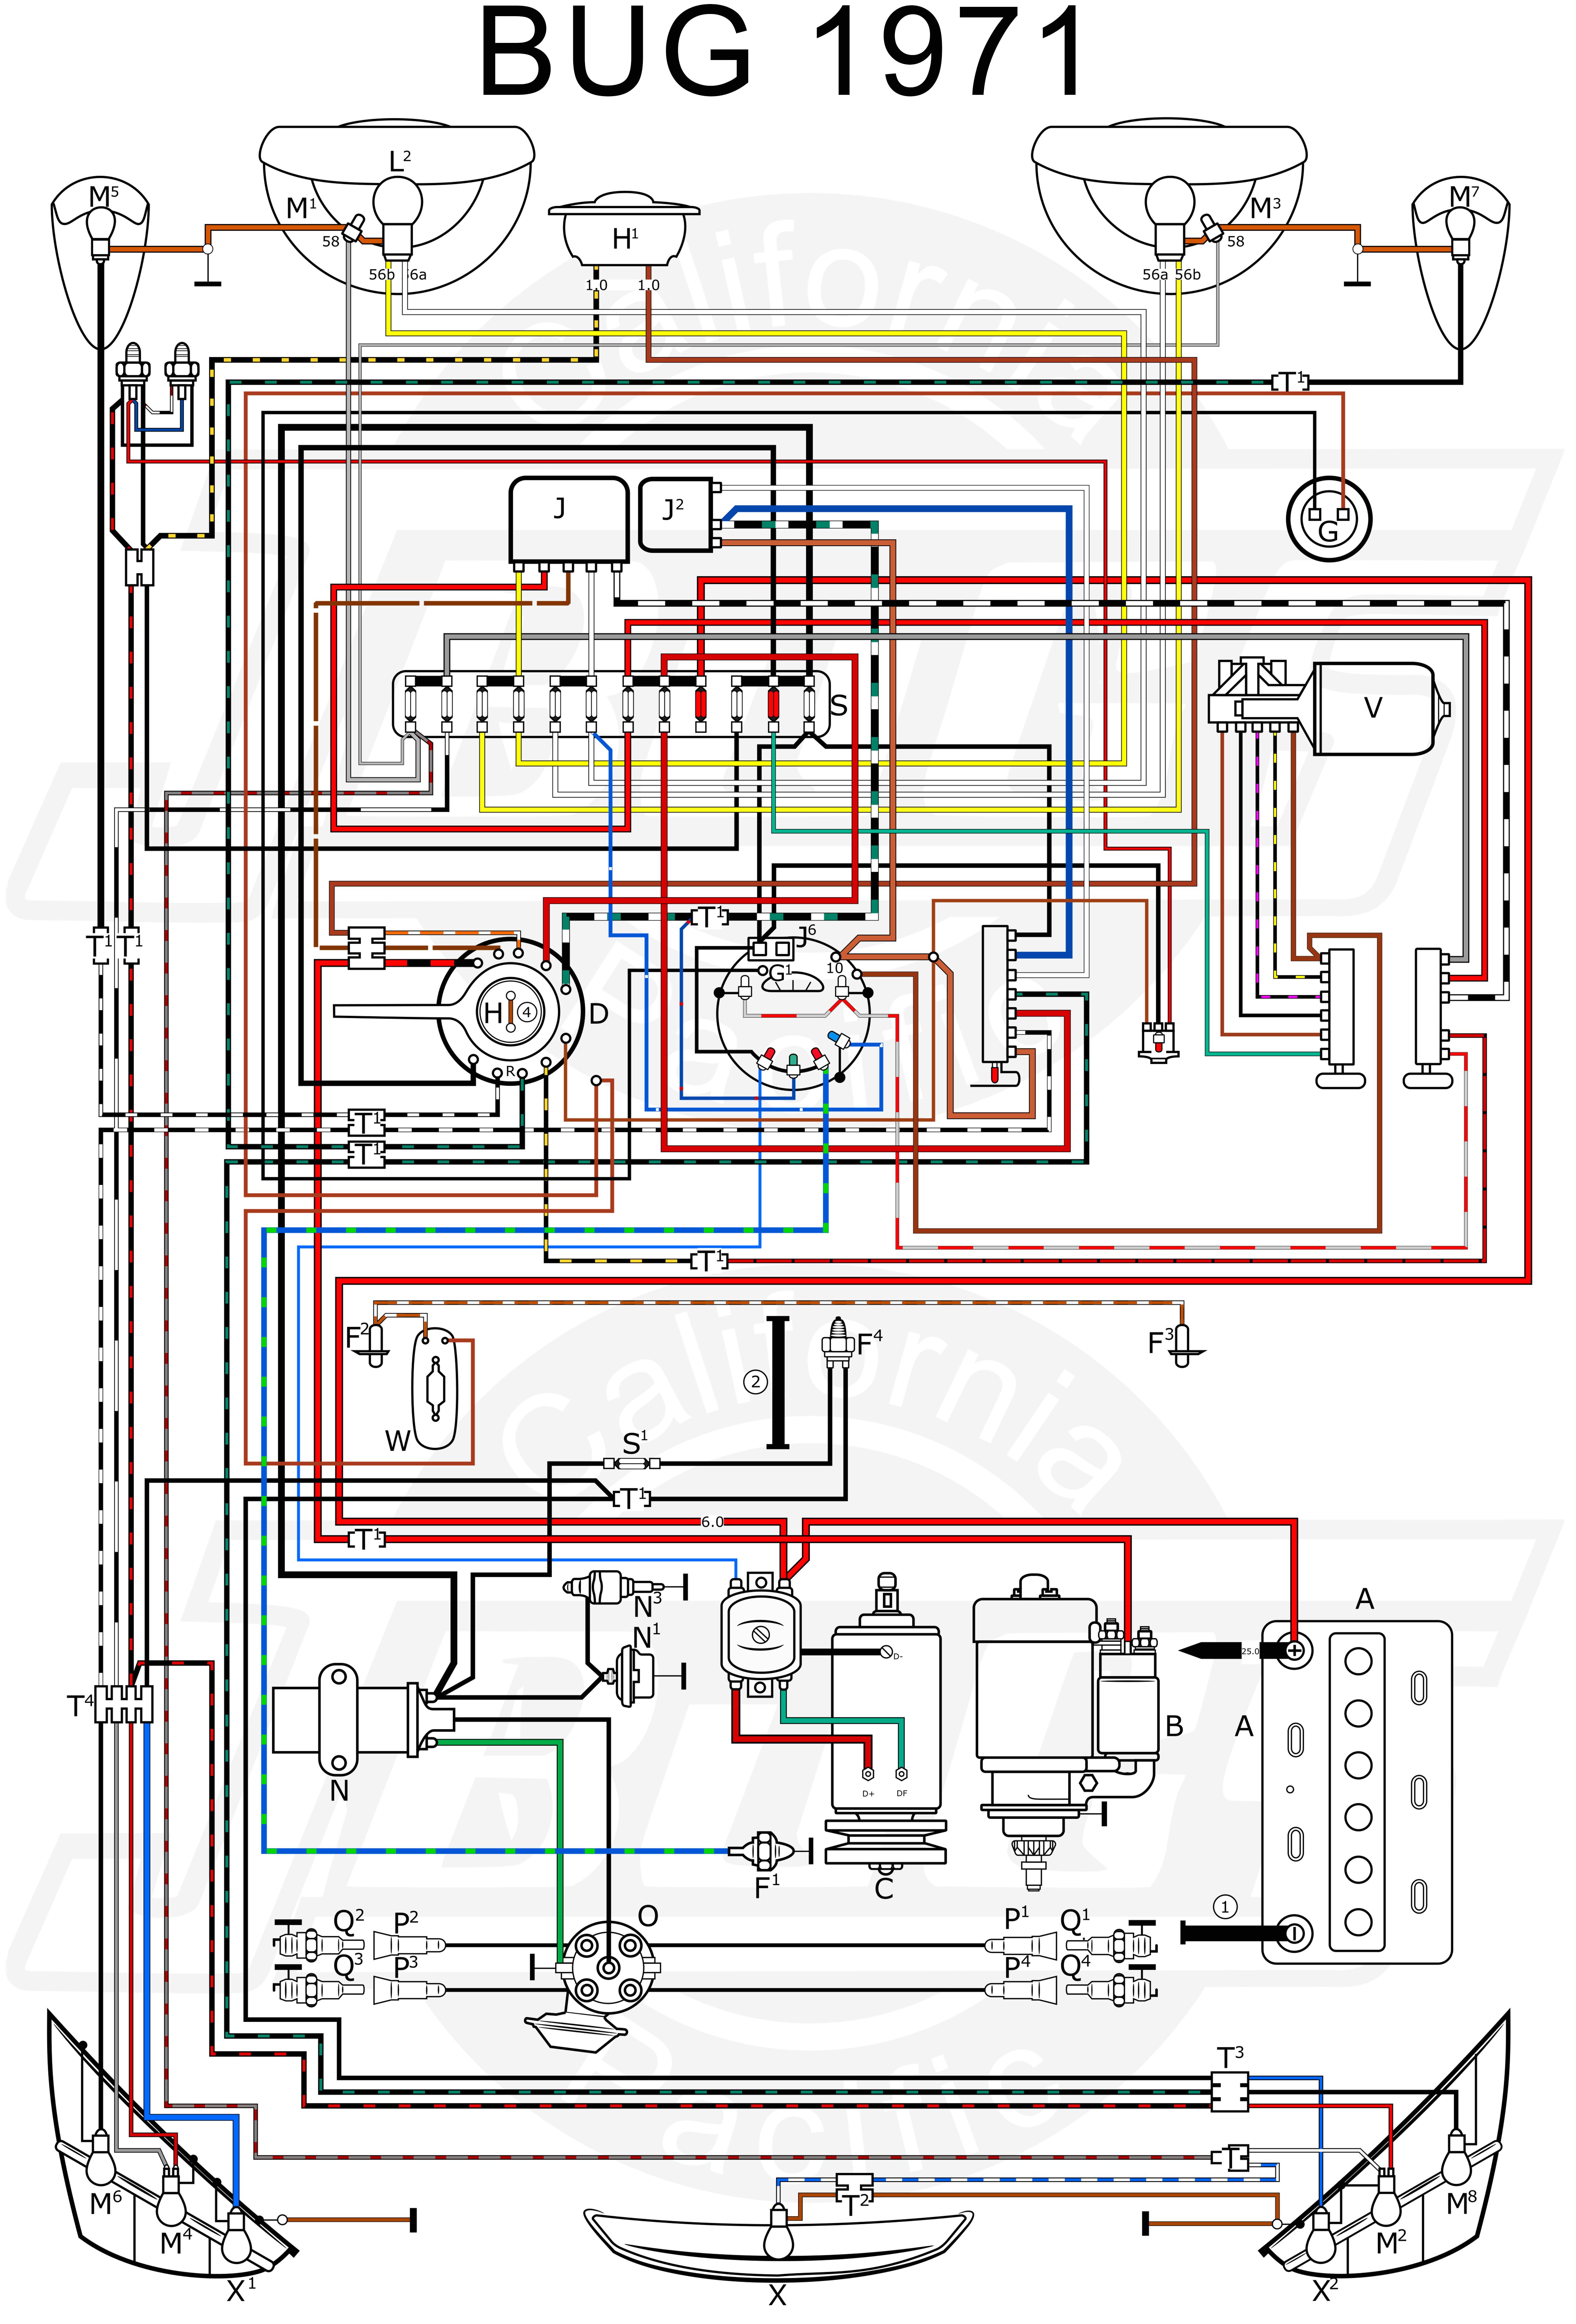 1972 volkswagen beetle wiring wiring diagram used 1975 super beetle wiring diagram super beetle wiring diagram